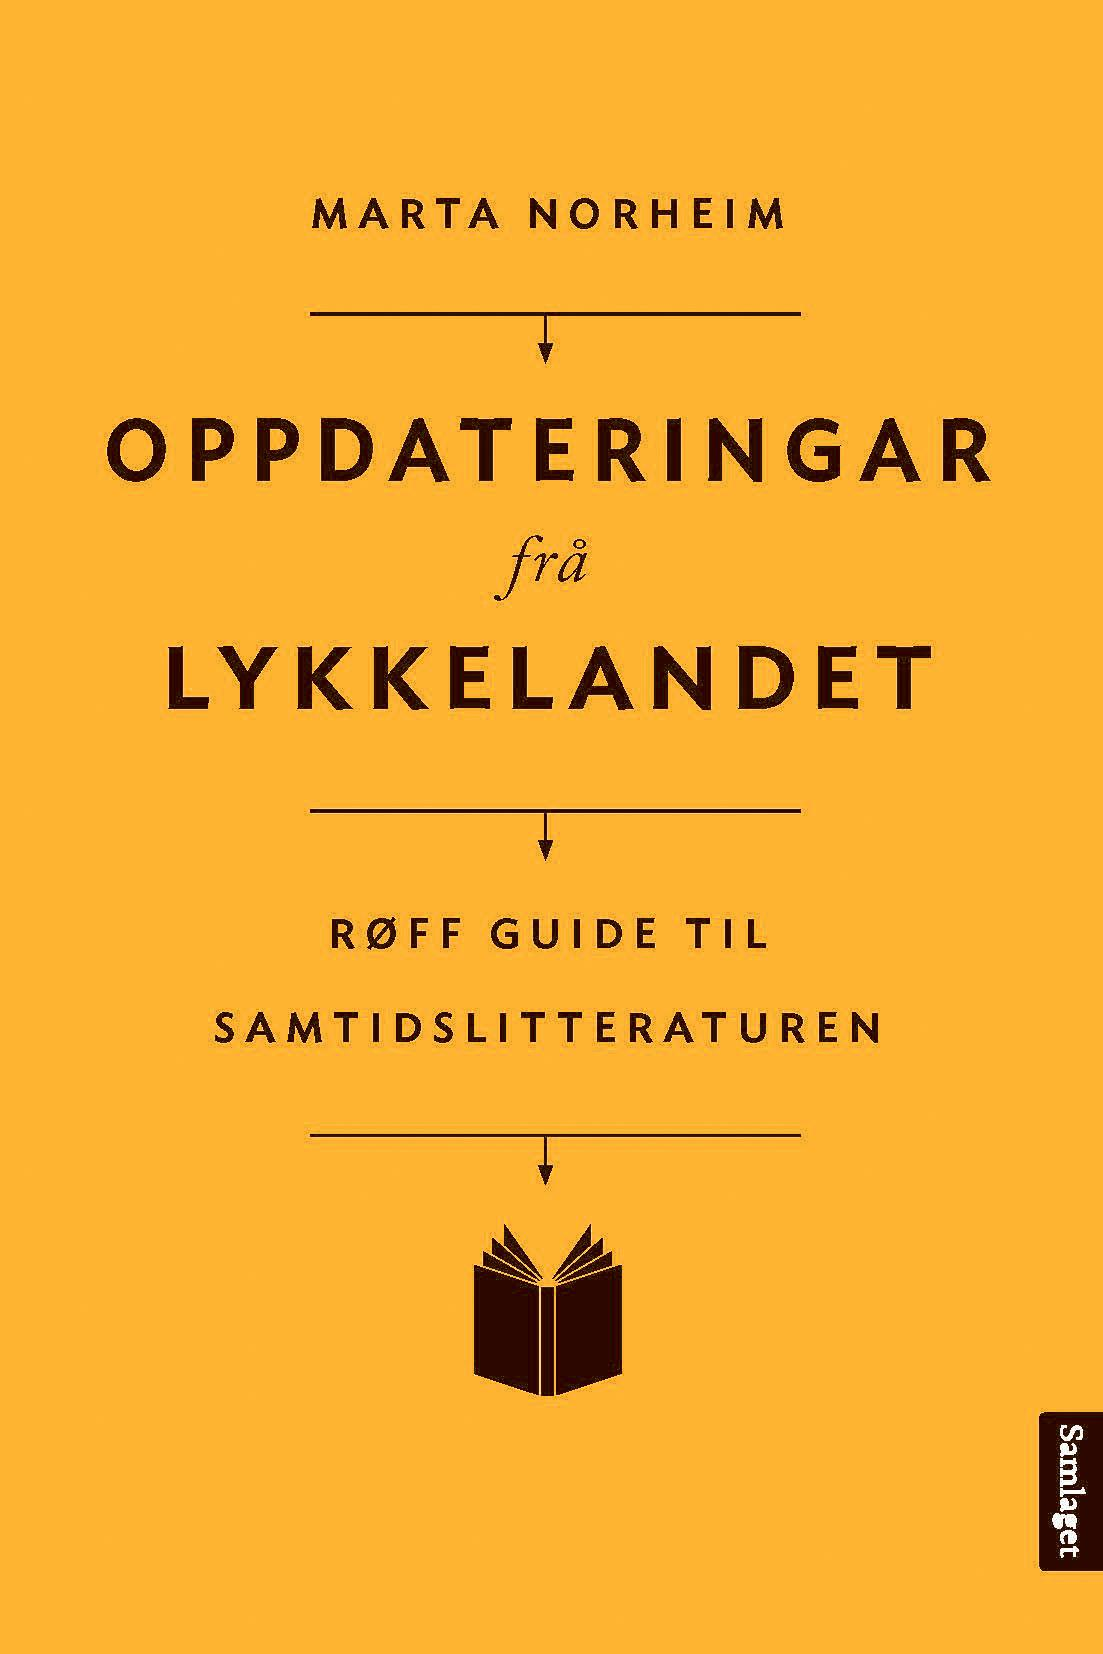 """""""Oppdateringar frå lykkelandet - røff guide til samtidslitteraturen"""" av Marta Norheim"""